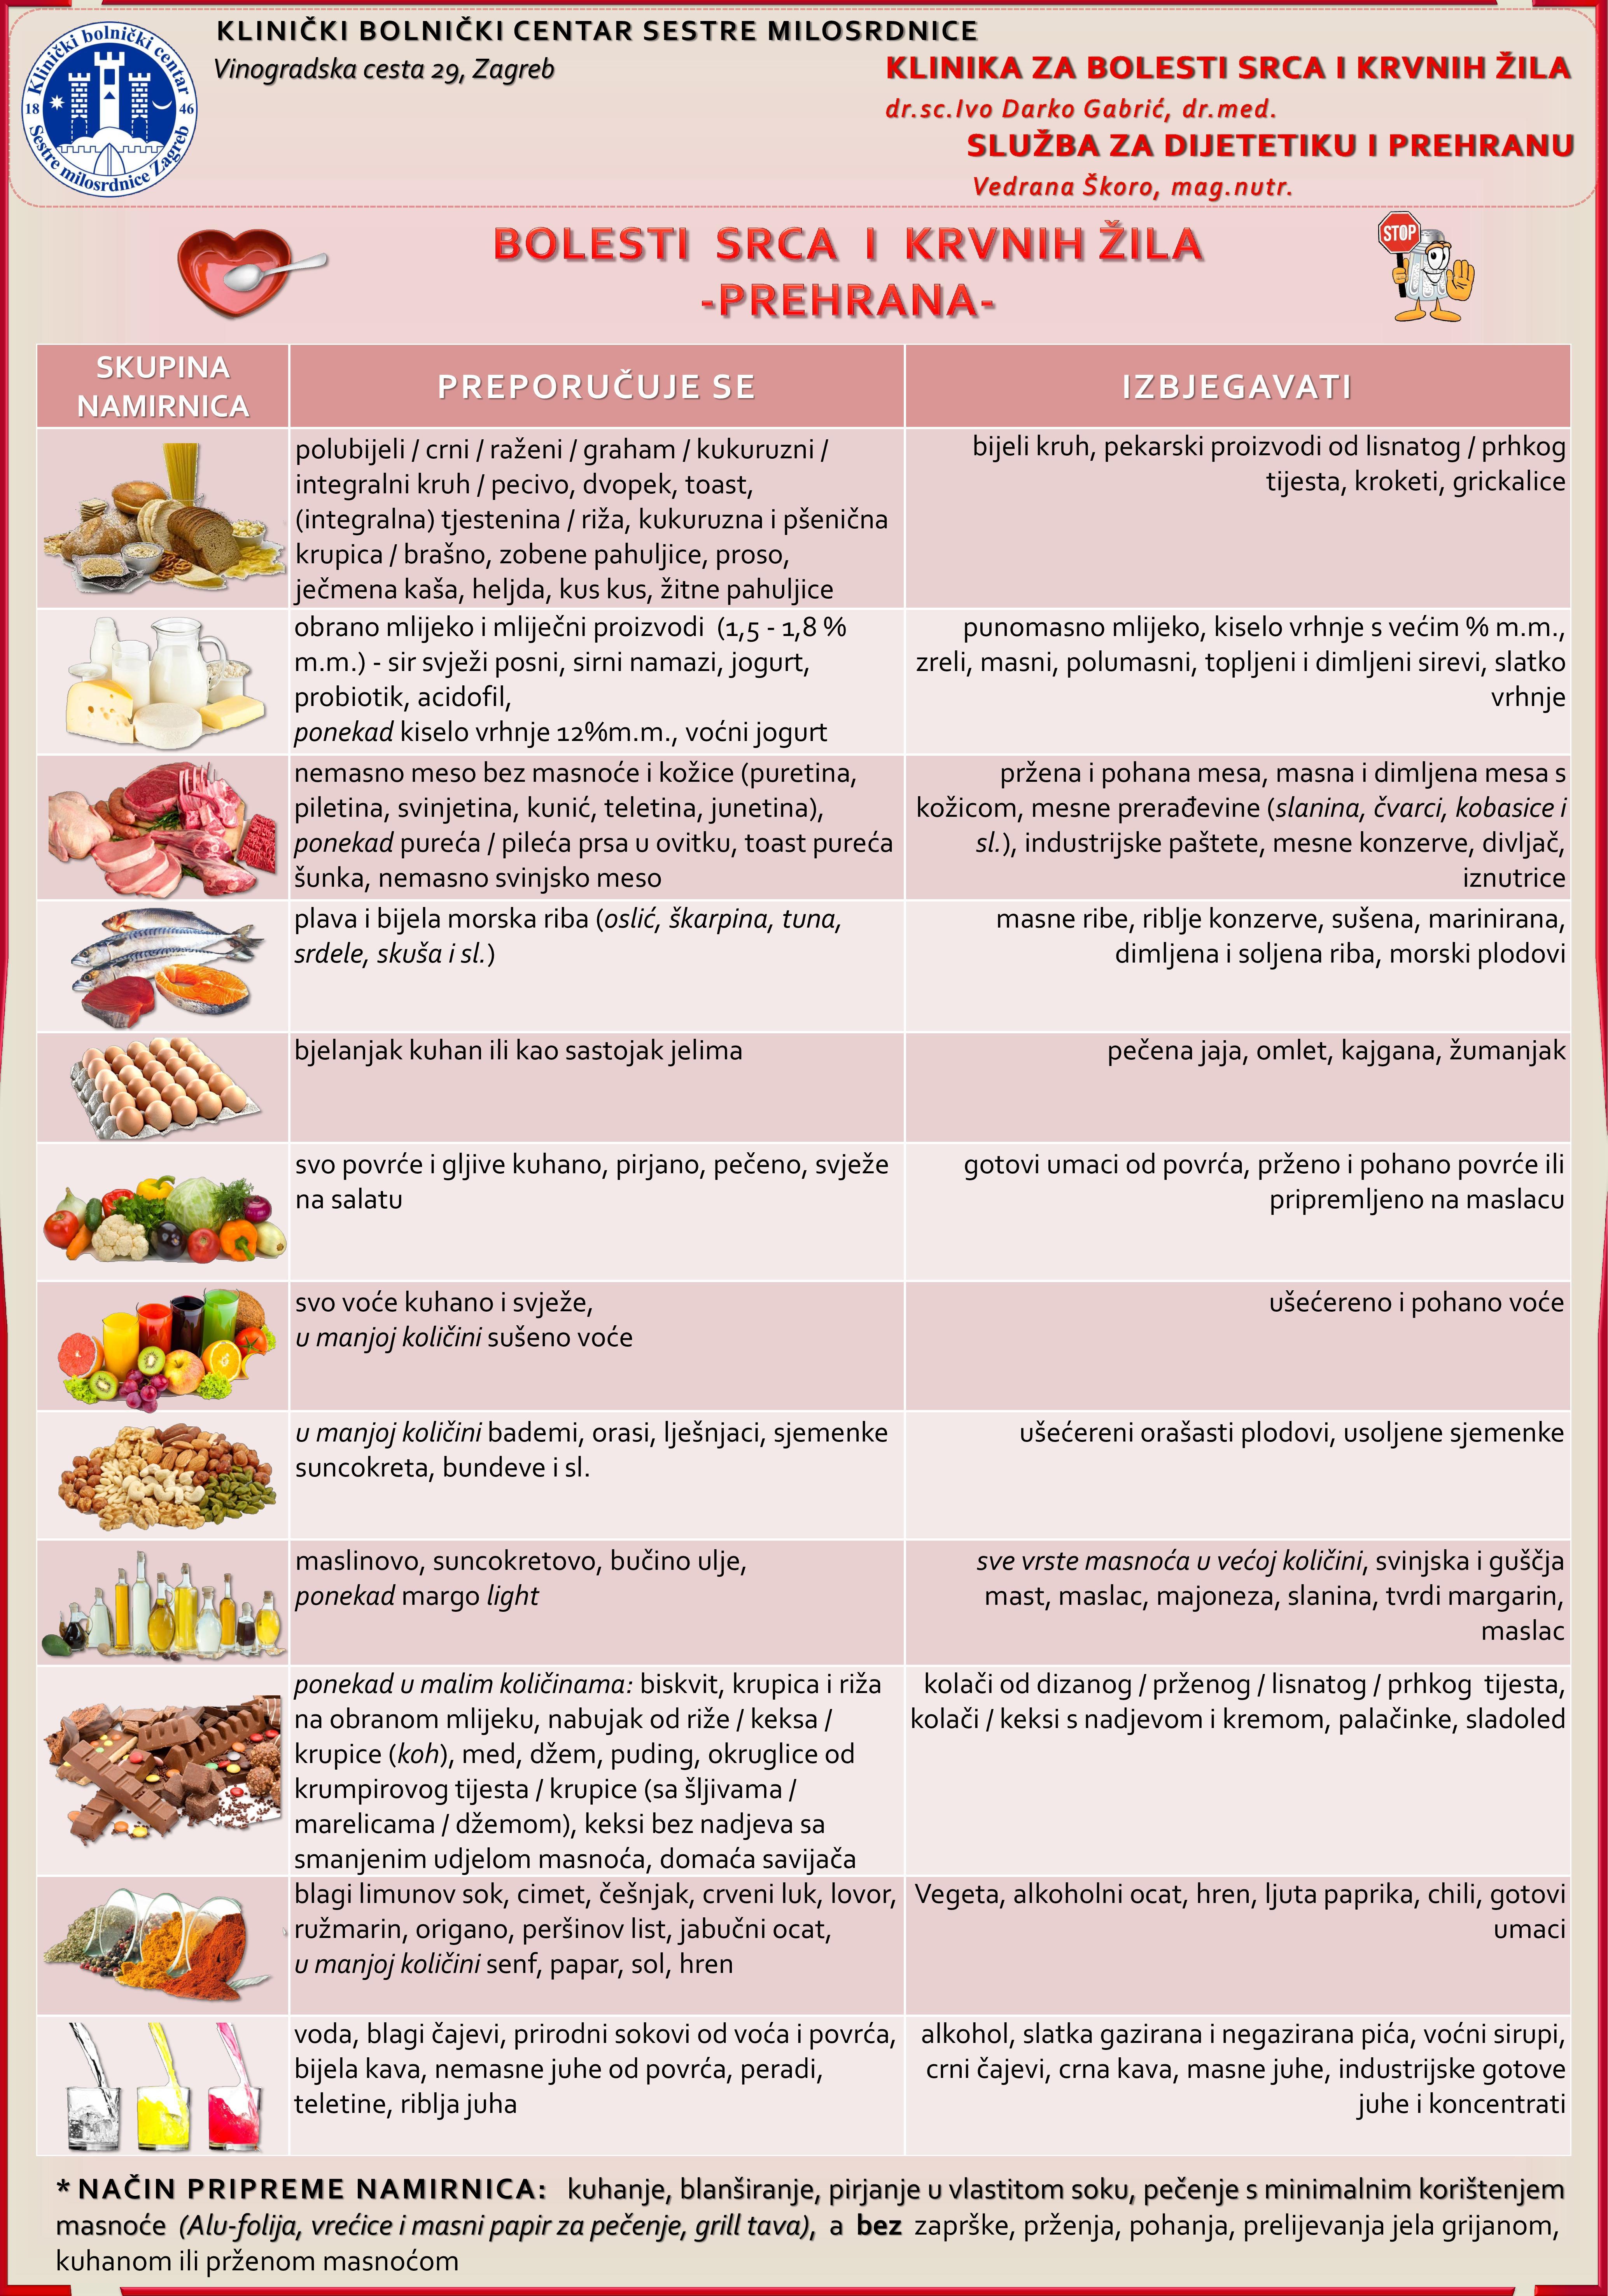 dijeta za hipertenziju receptima monografiju o hipertenziji